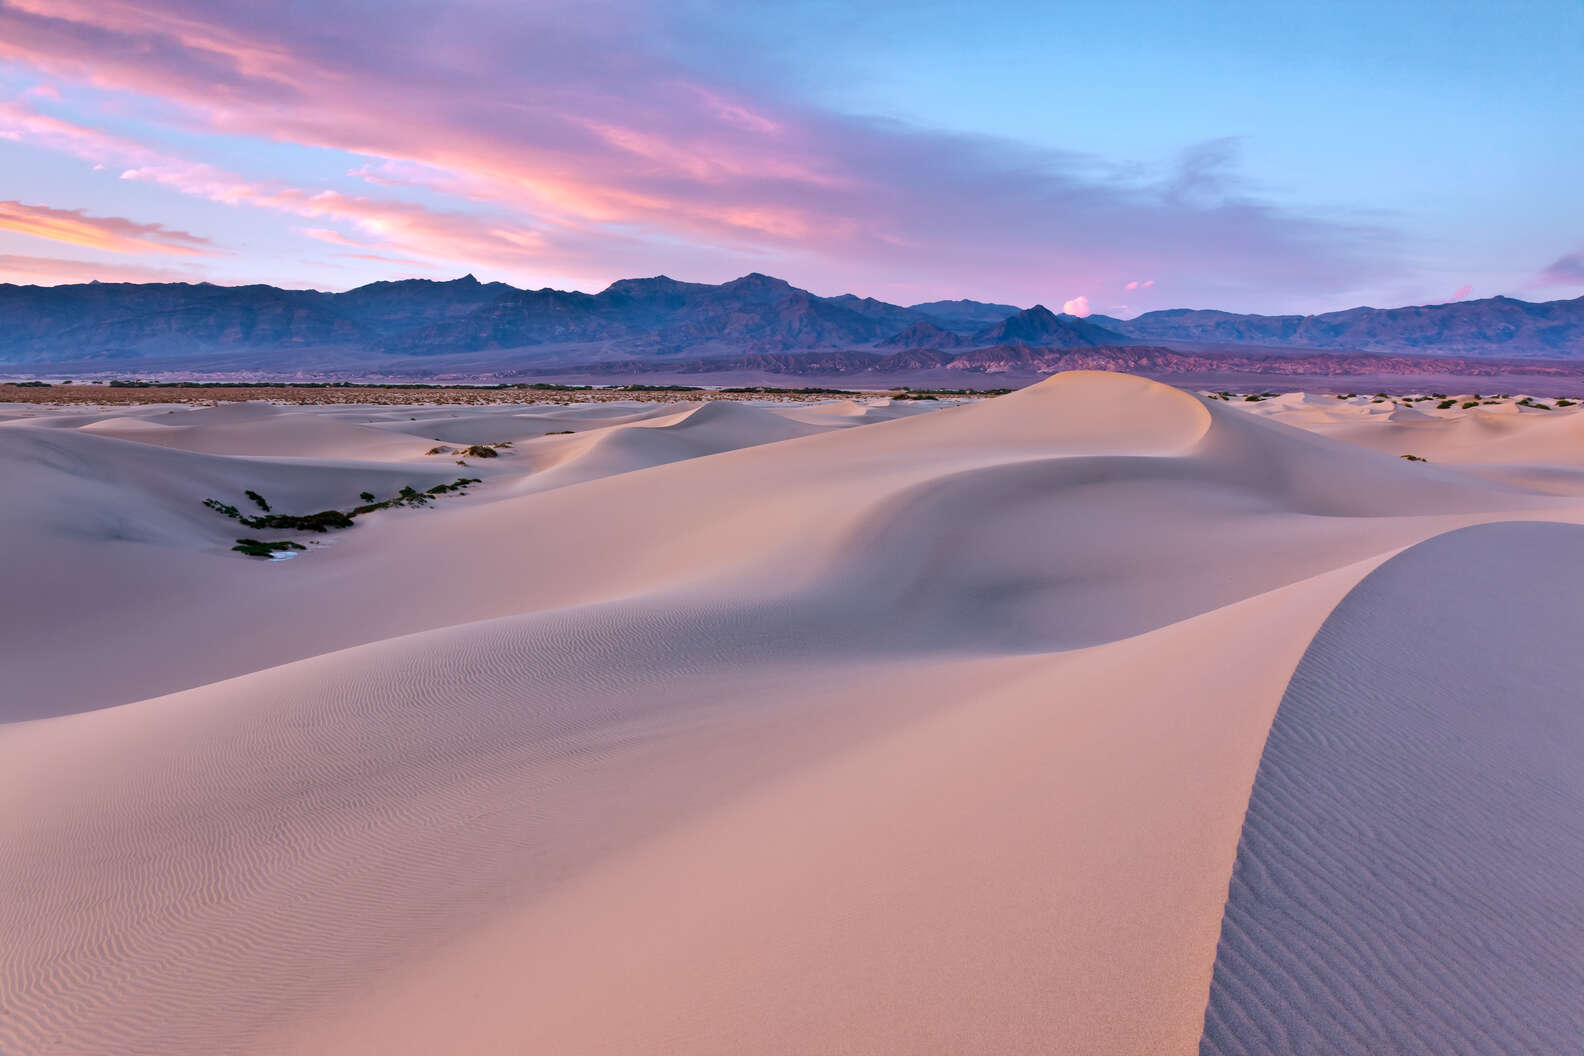 jared ropelato/Shutterstock